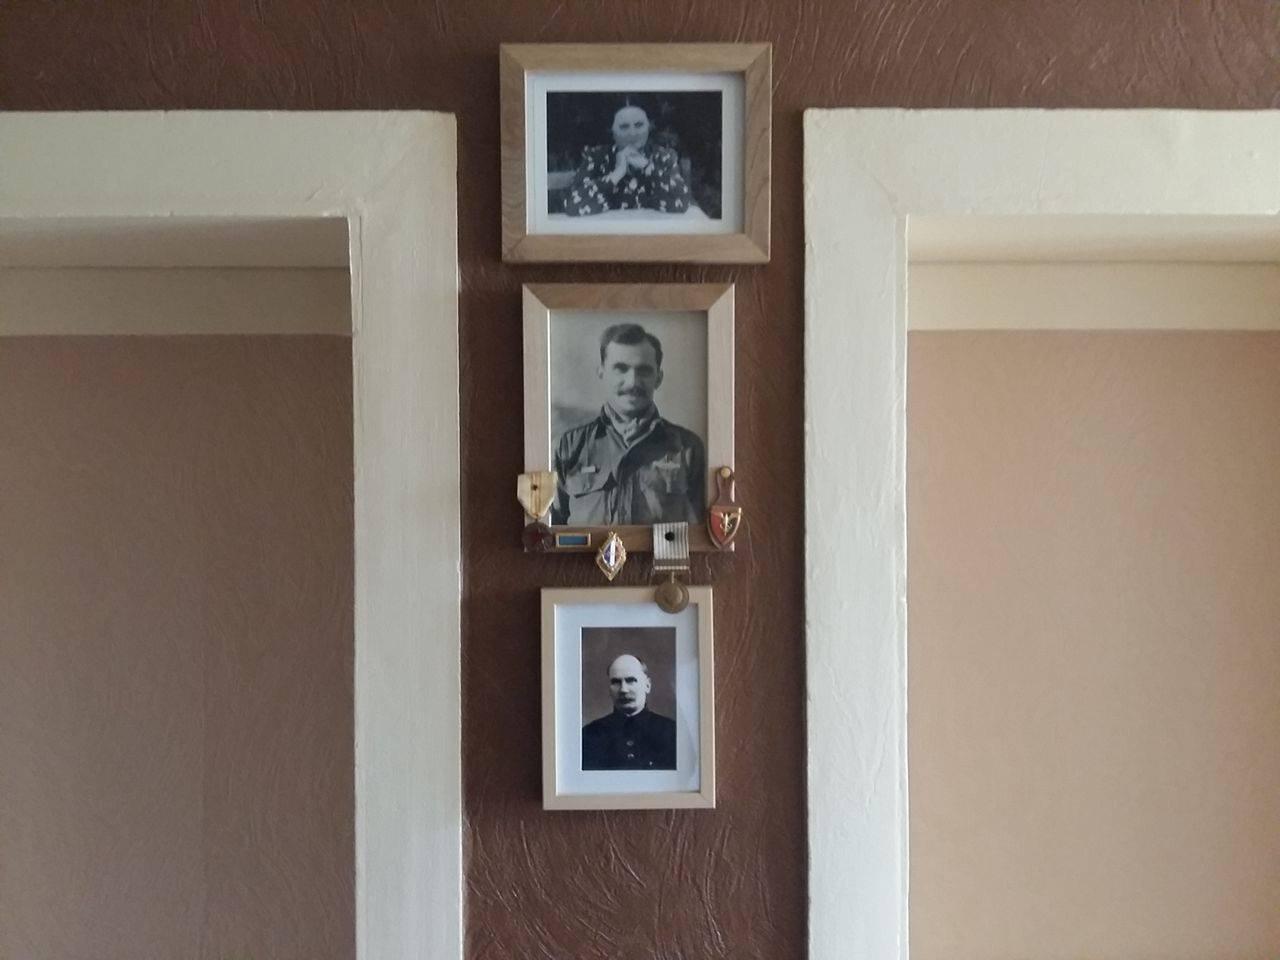 La mère, le fils et le père : chez les Lopatinski, chacun avait son rôle dans la Résistance